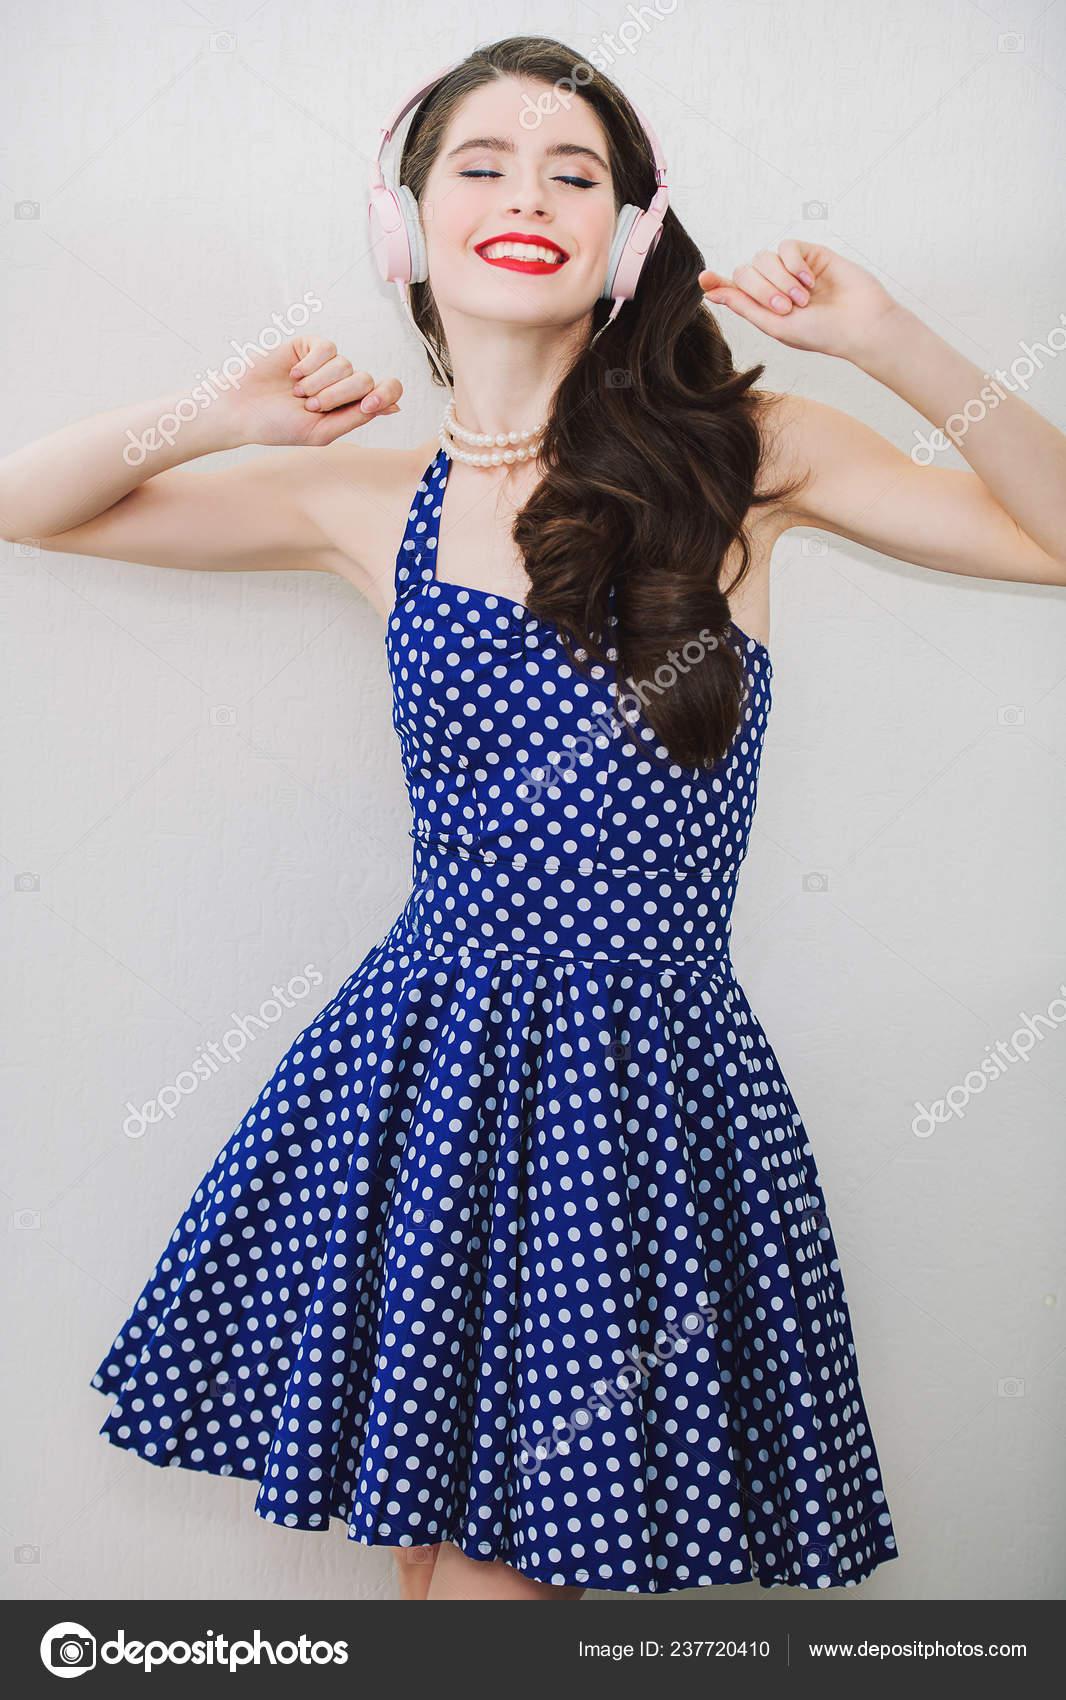 Retrato Mujer Joven Atractiva Vestido Azul Con Puntos